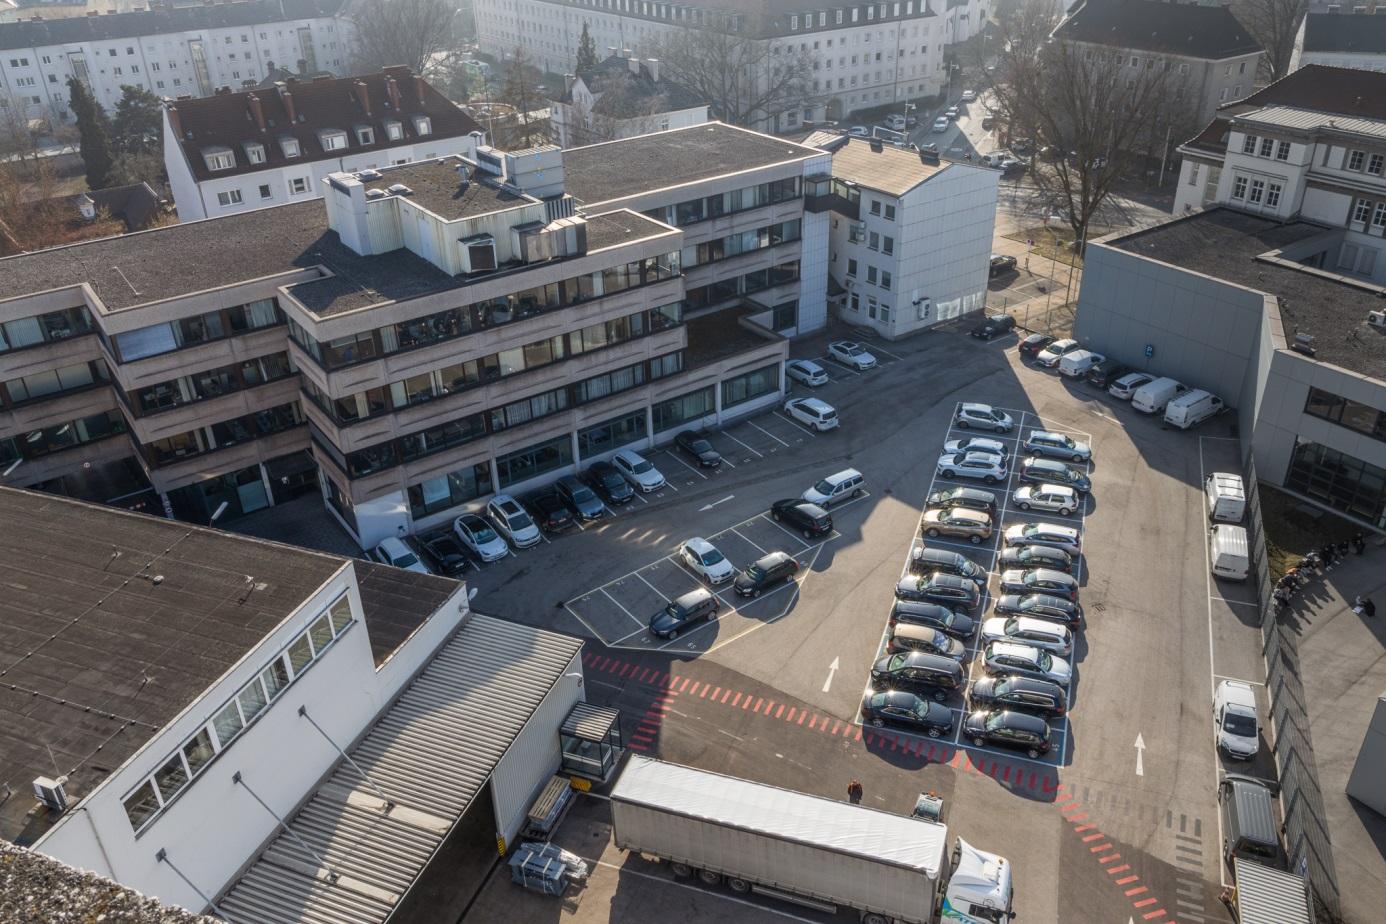 Modesta Real Estate startet Bieterverfahren im Auftrag der Siemens Energy Austria GmbH in Linz